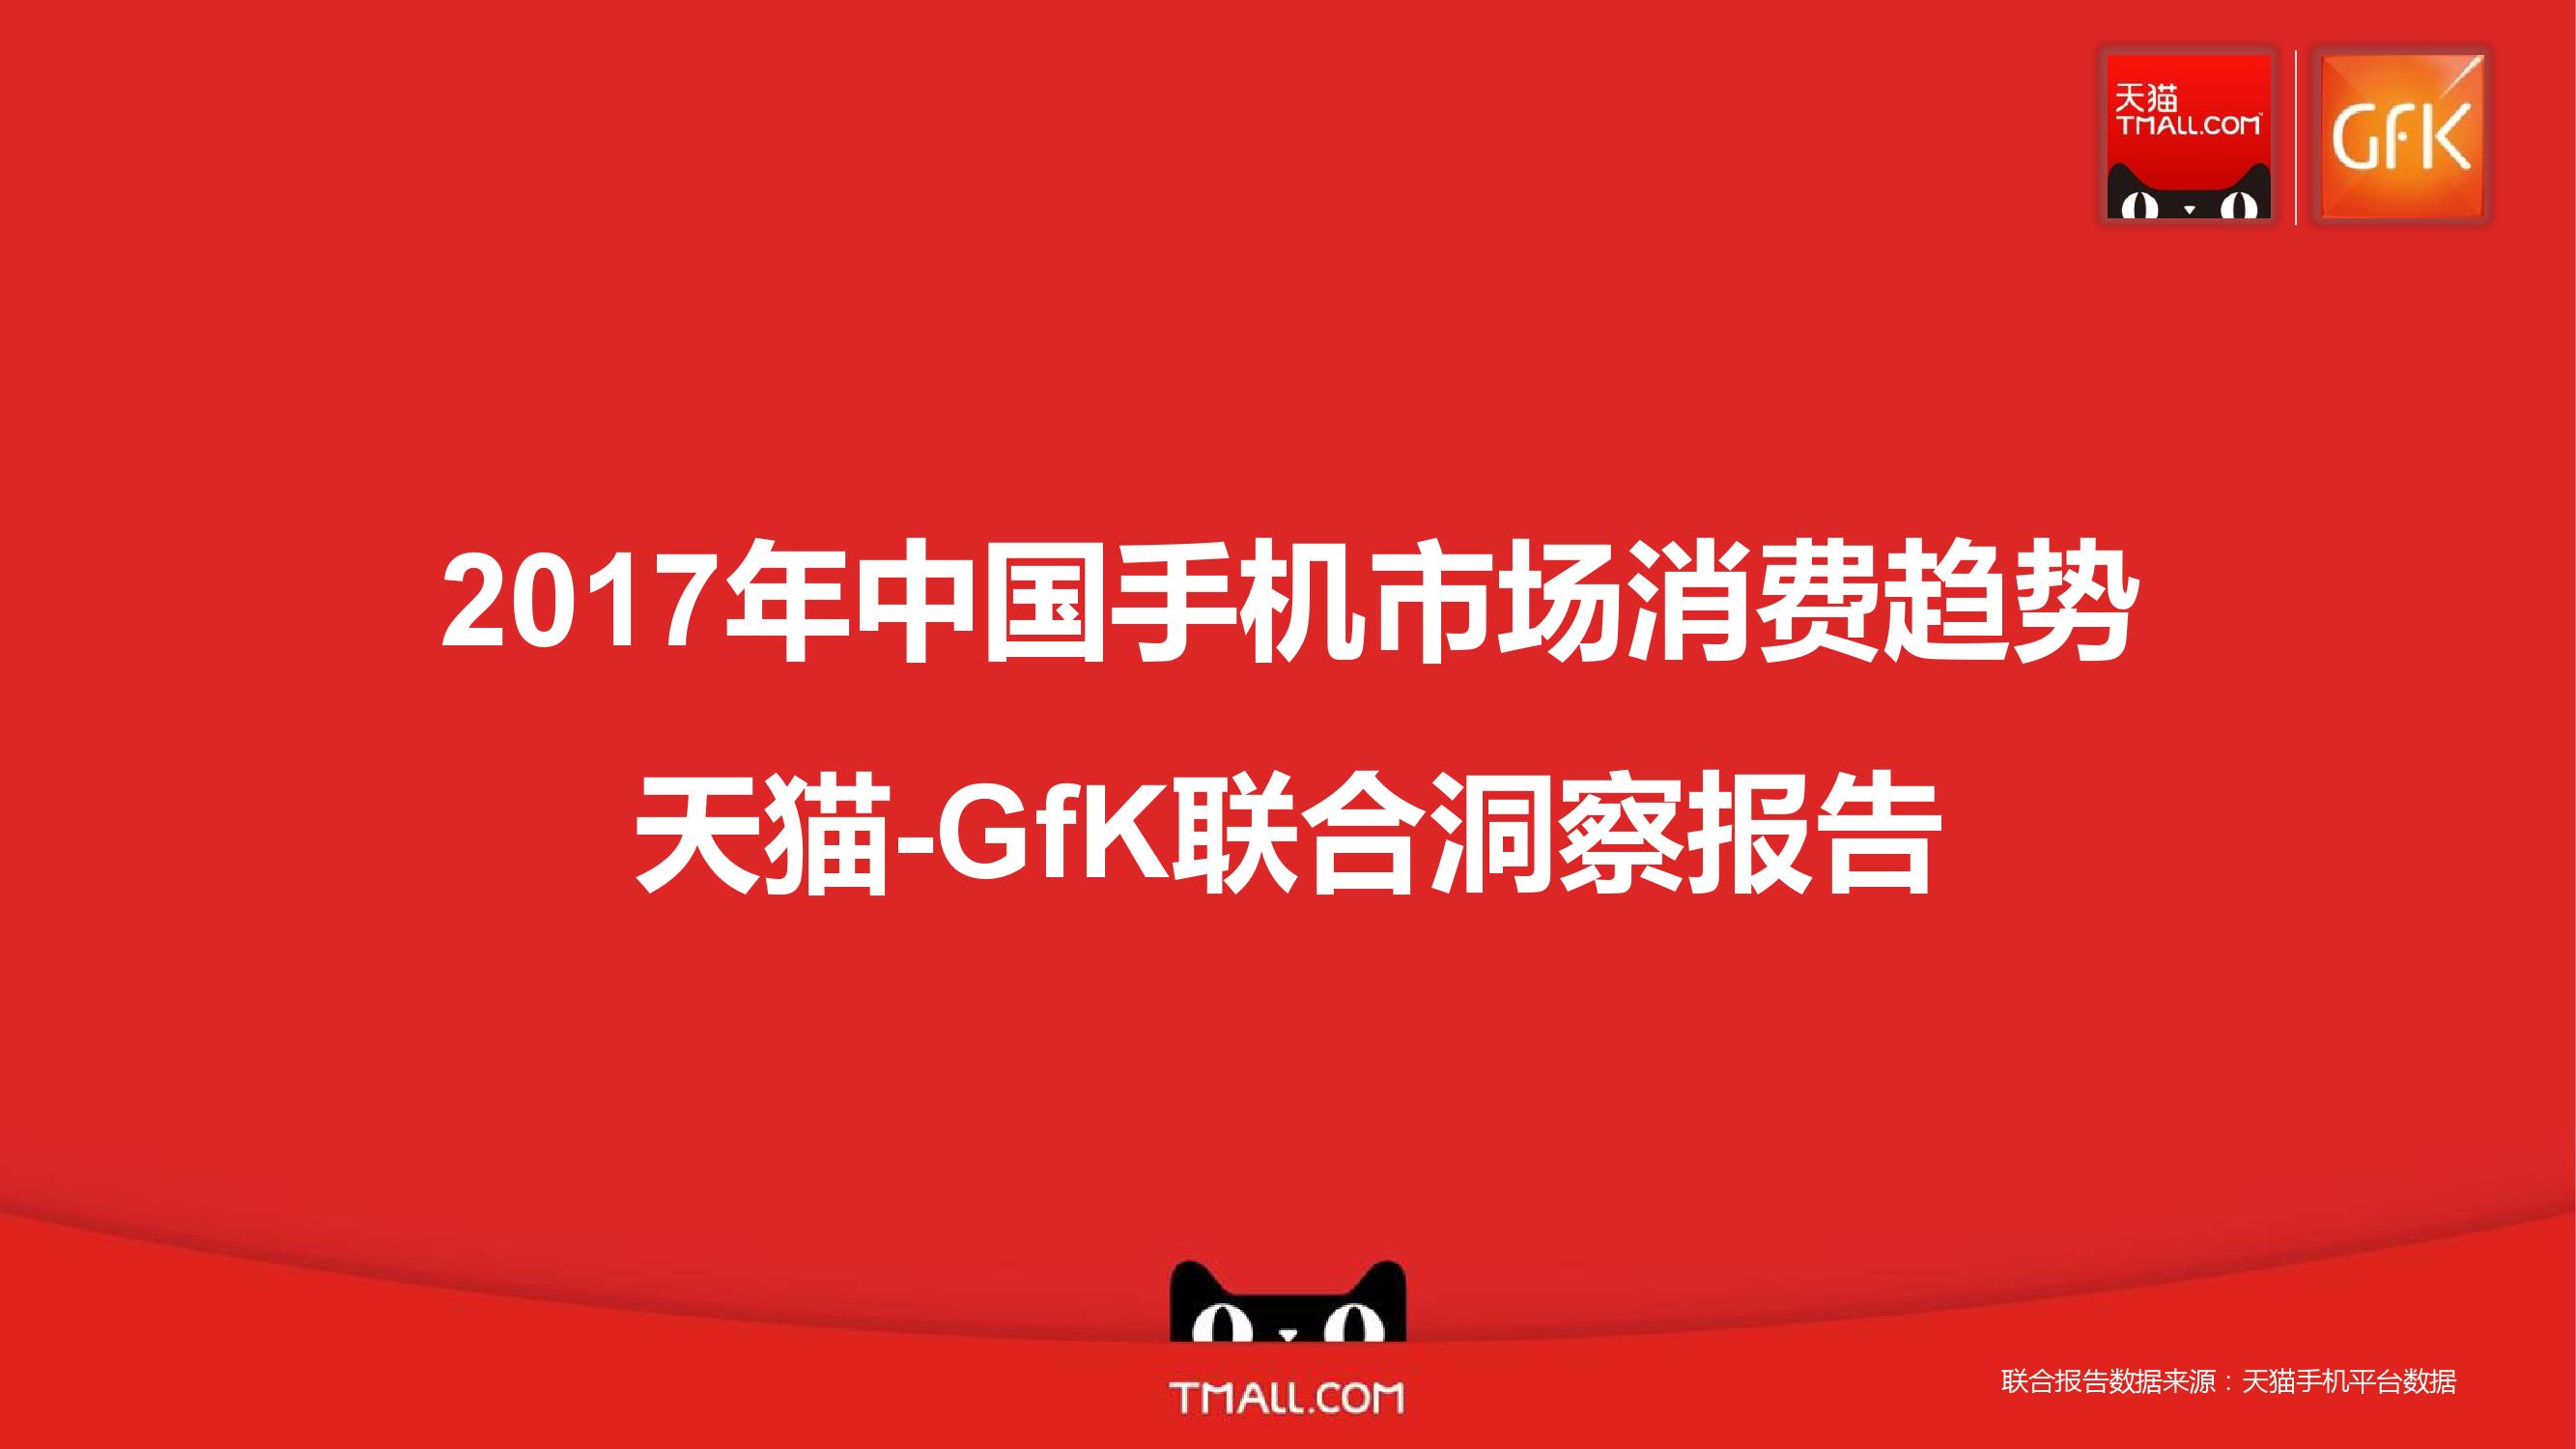 天猫&GfK:2017年中国手机市场消费趋势洞察报告(附下载)